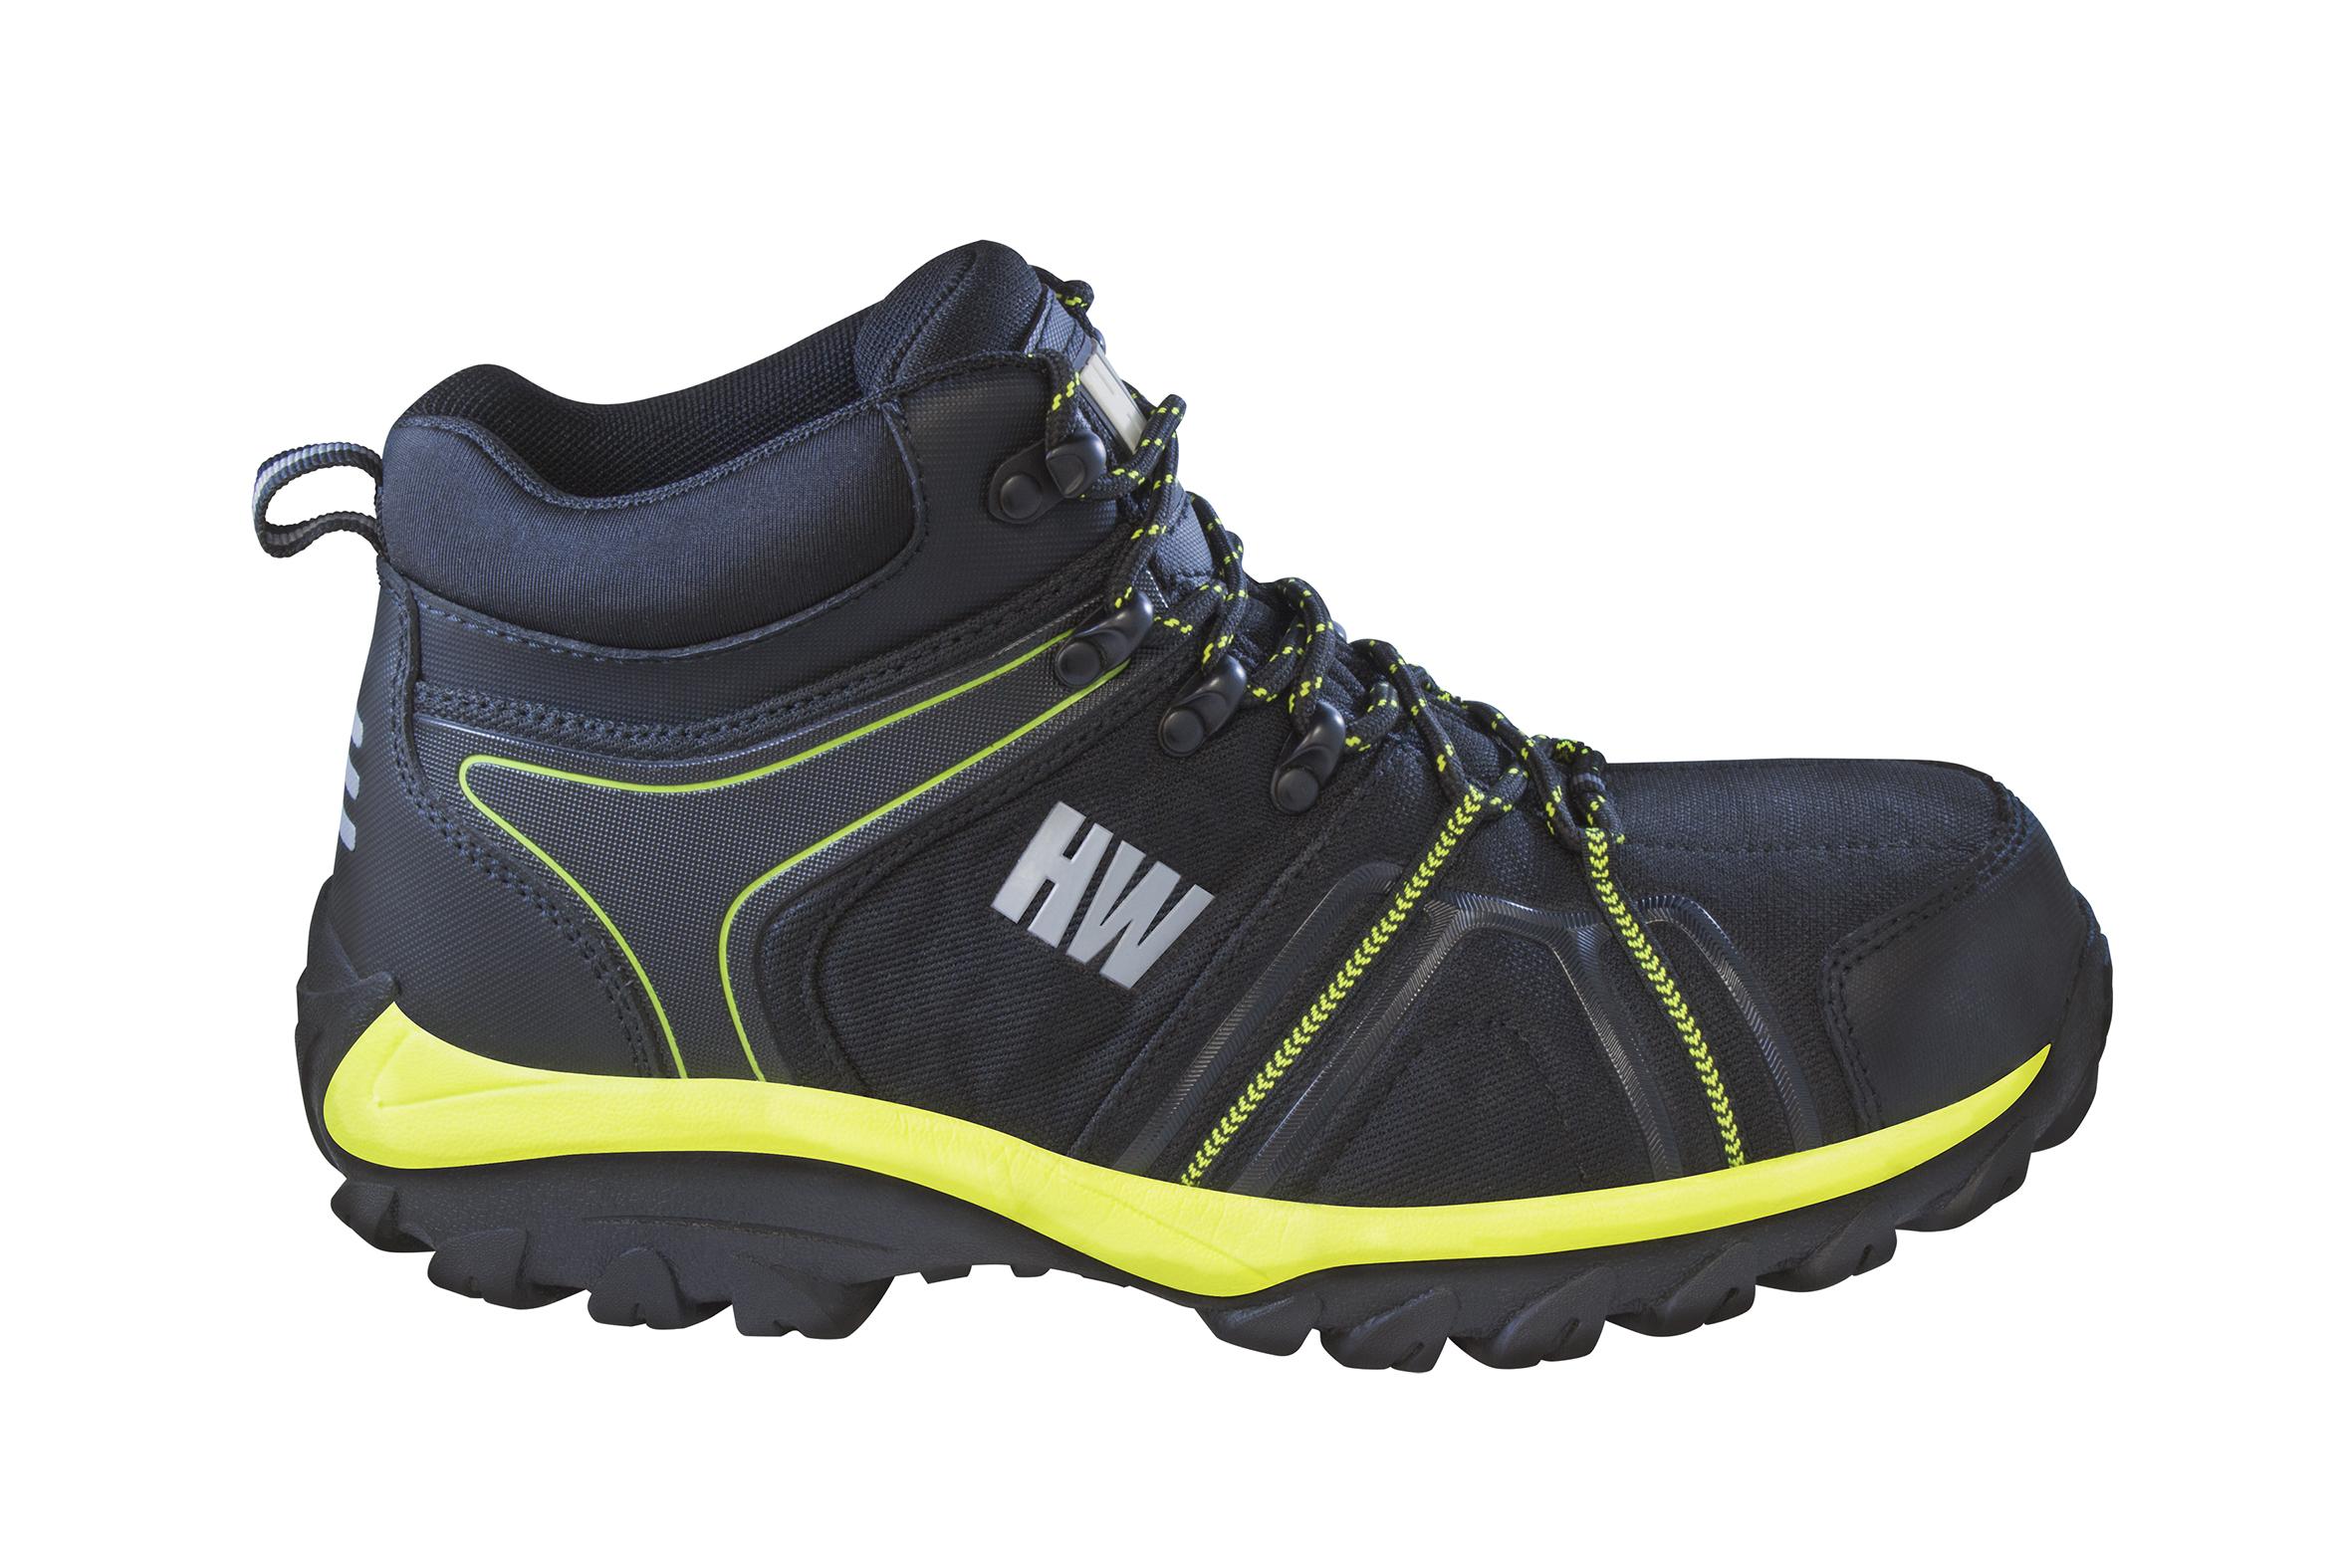 Calzado de seguridad hw bering calzado de seguridad hw for Calzado de seguridad bricomart